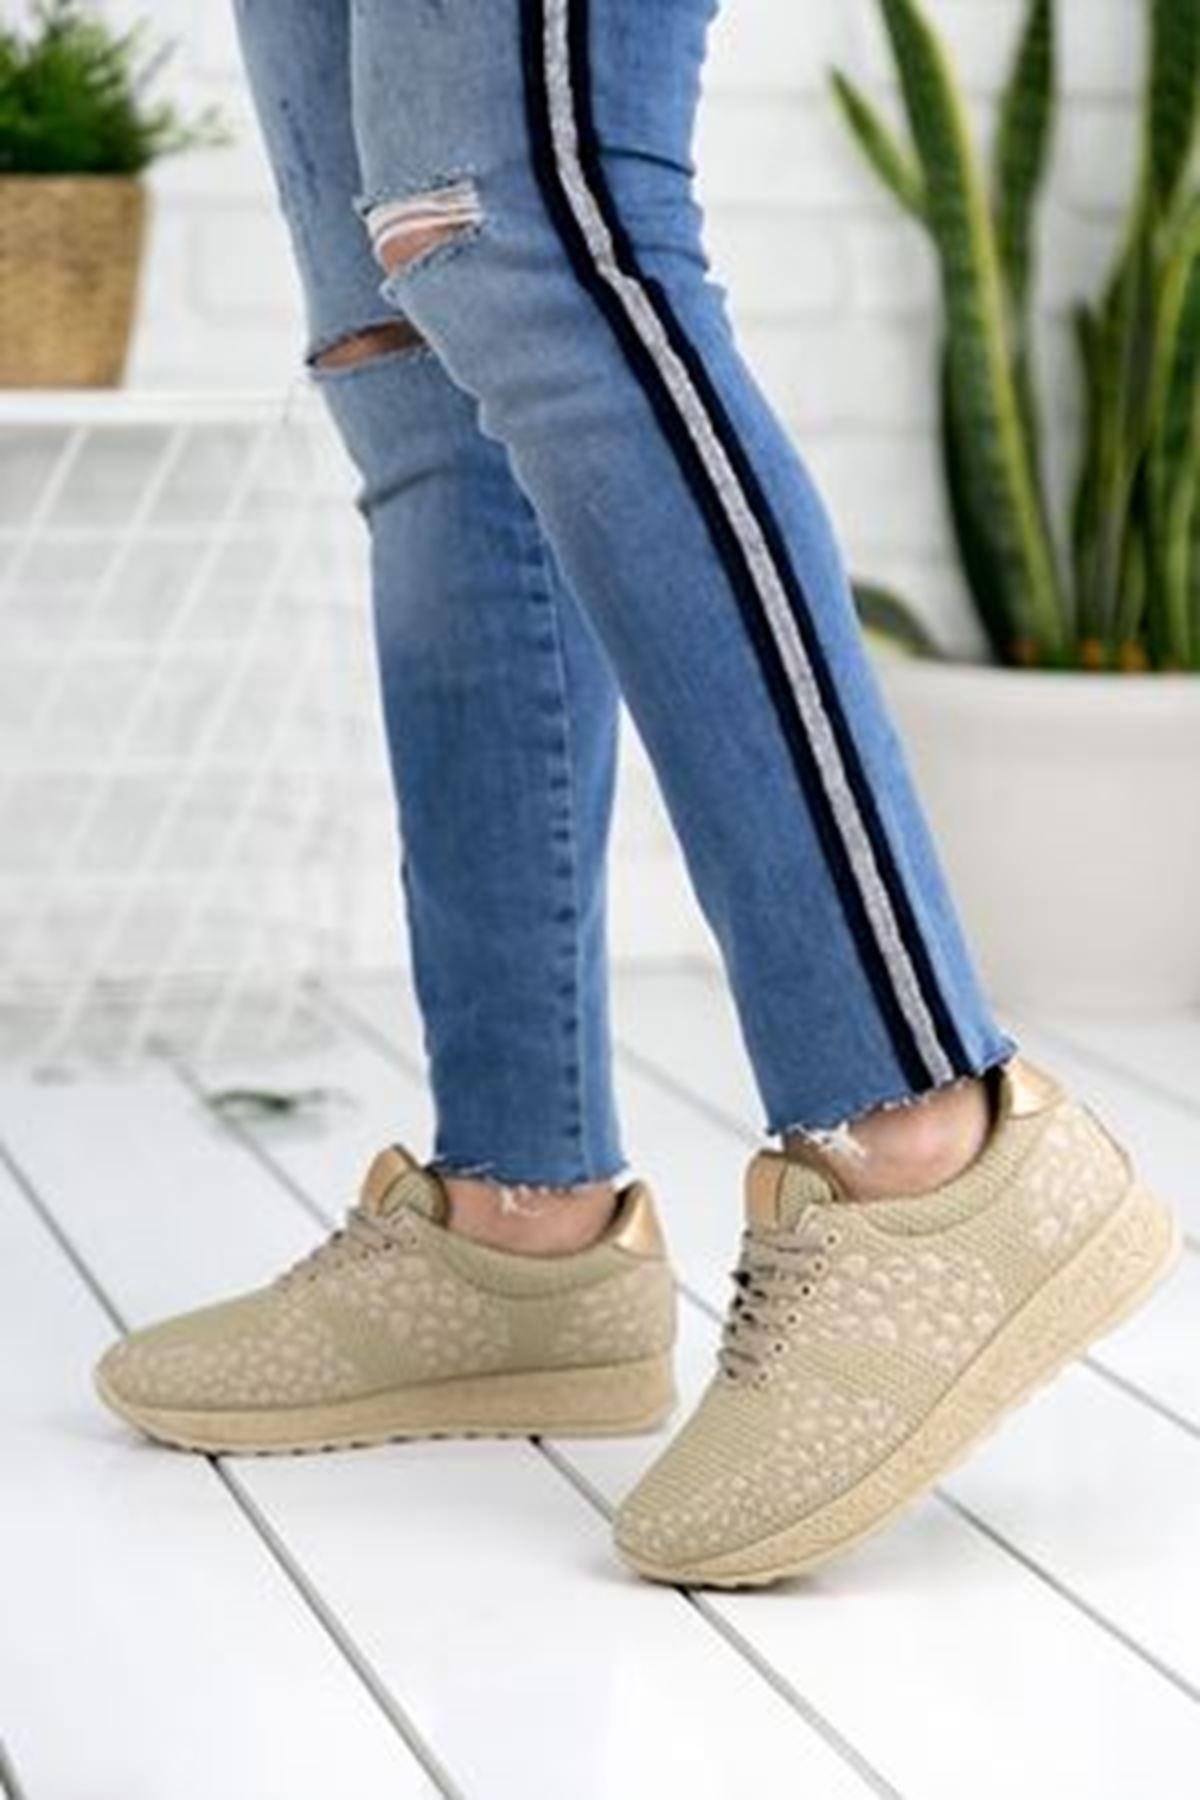 Fancy Krem Ortapedik Bayan Spor Ayakkabı